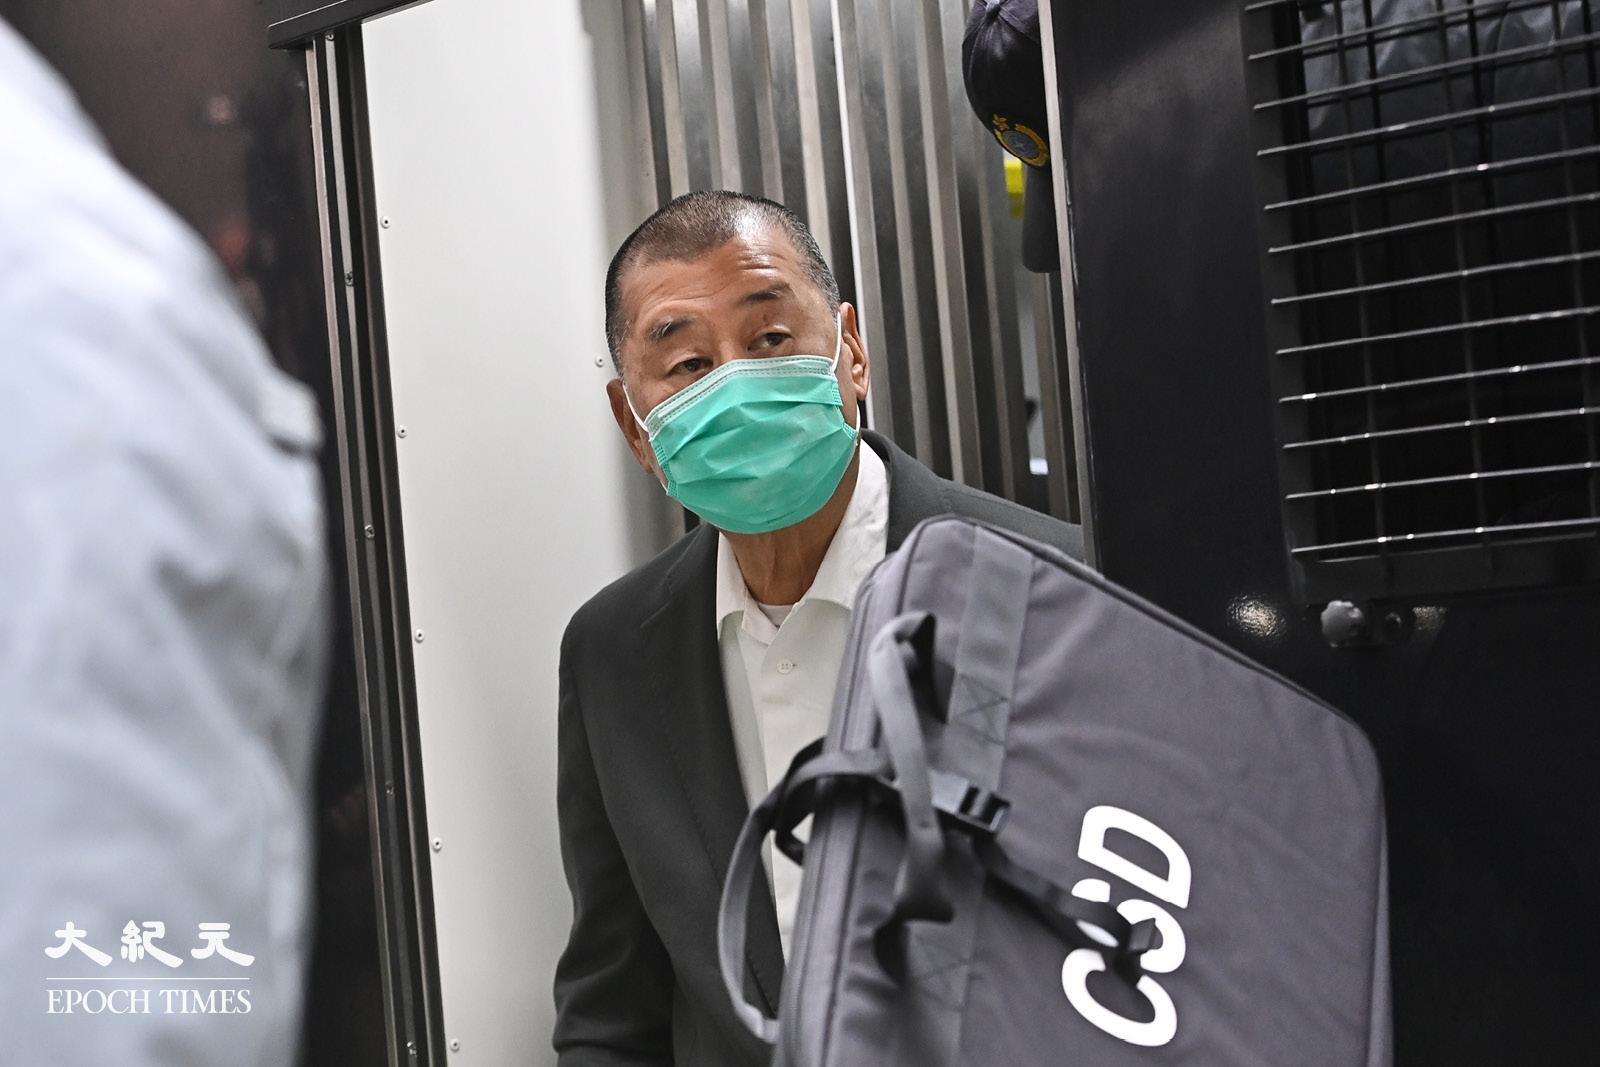 2月9日上午,壹傳媒創辦人黎智英從囚車下來,前往終審法院。(宋碧龍/大紀元)